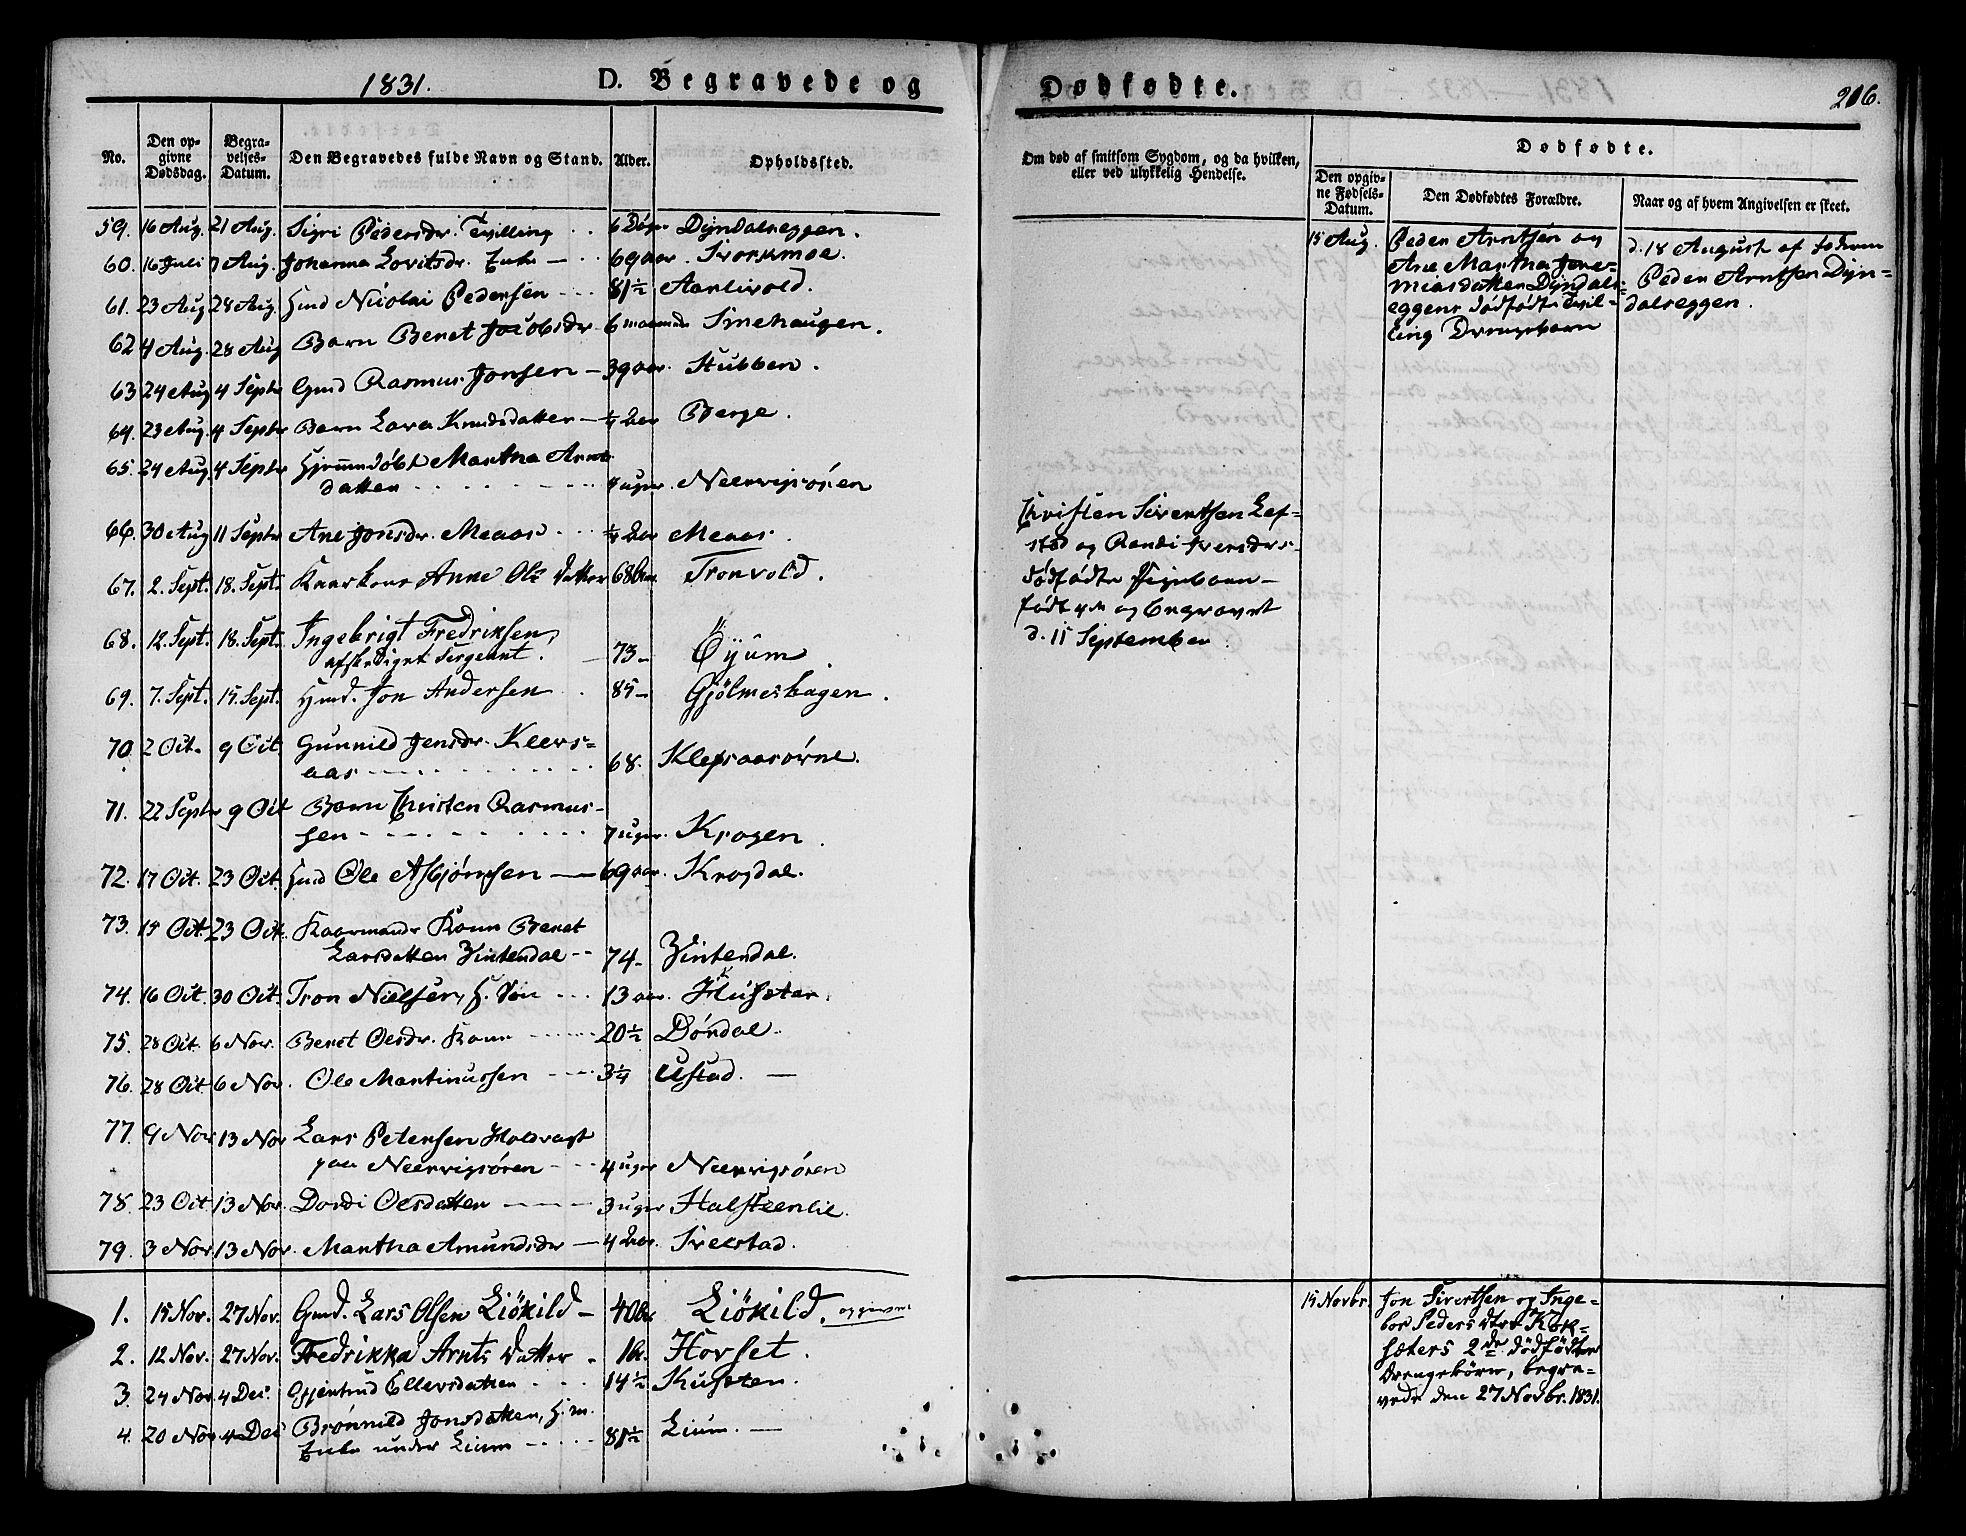 SAT, Ministerialprotokoller, klokkerbøker og fødselsregistre - Sør-Trøndelag, 668/L0804: Ministerialbok nr. 668A04, 1826-1839, s. 216